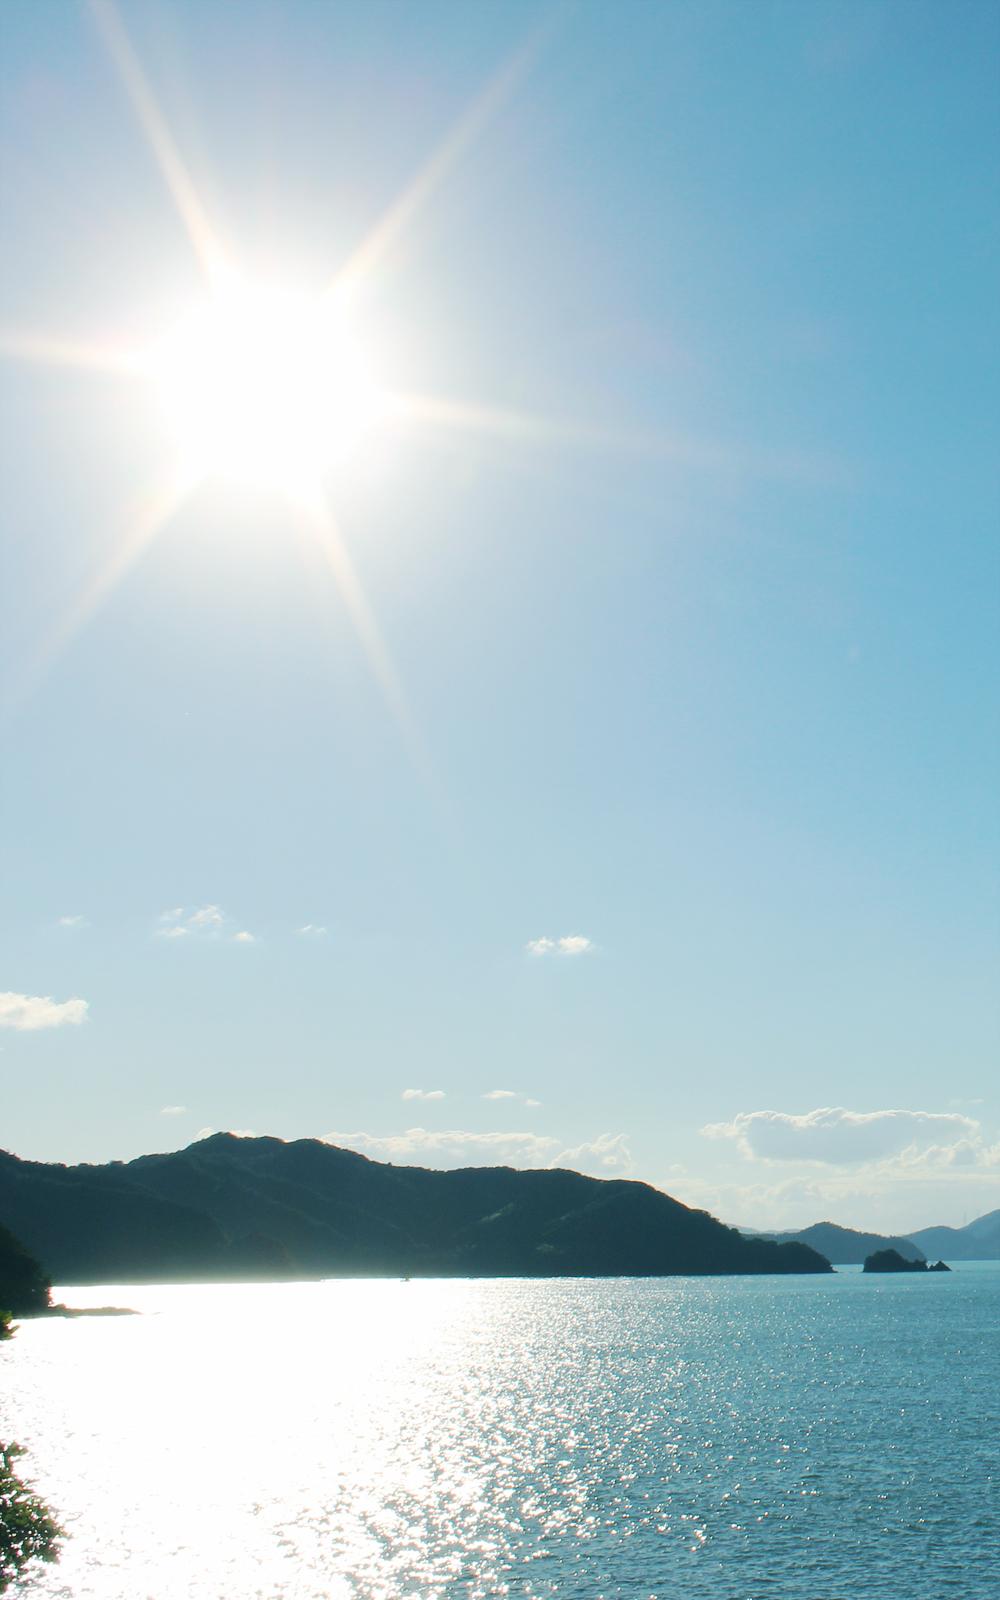 輝く太陽と入江の写真画像(P014)